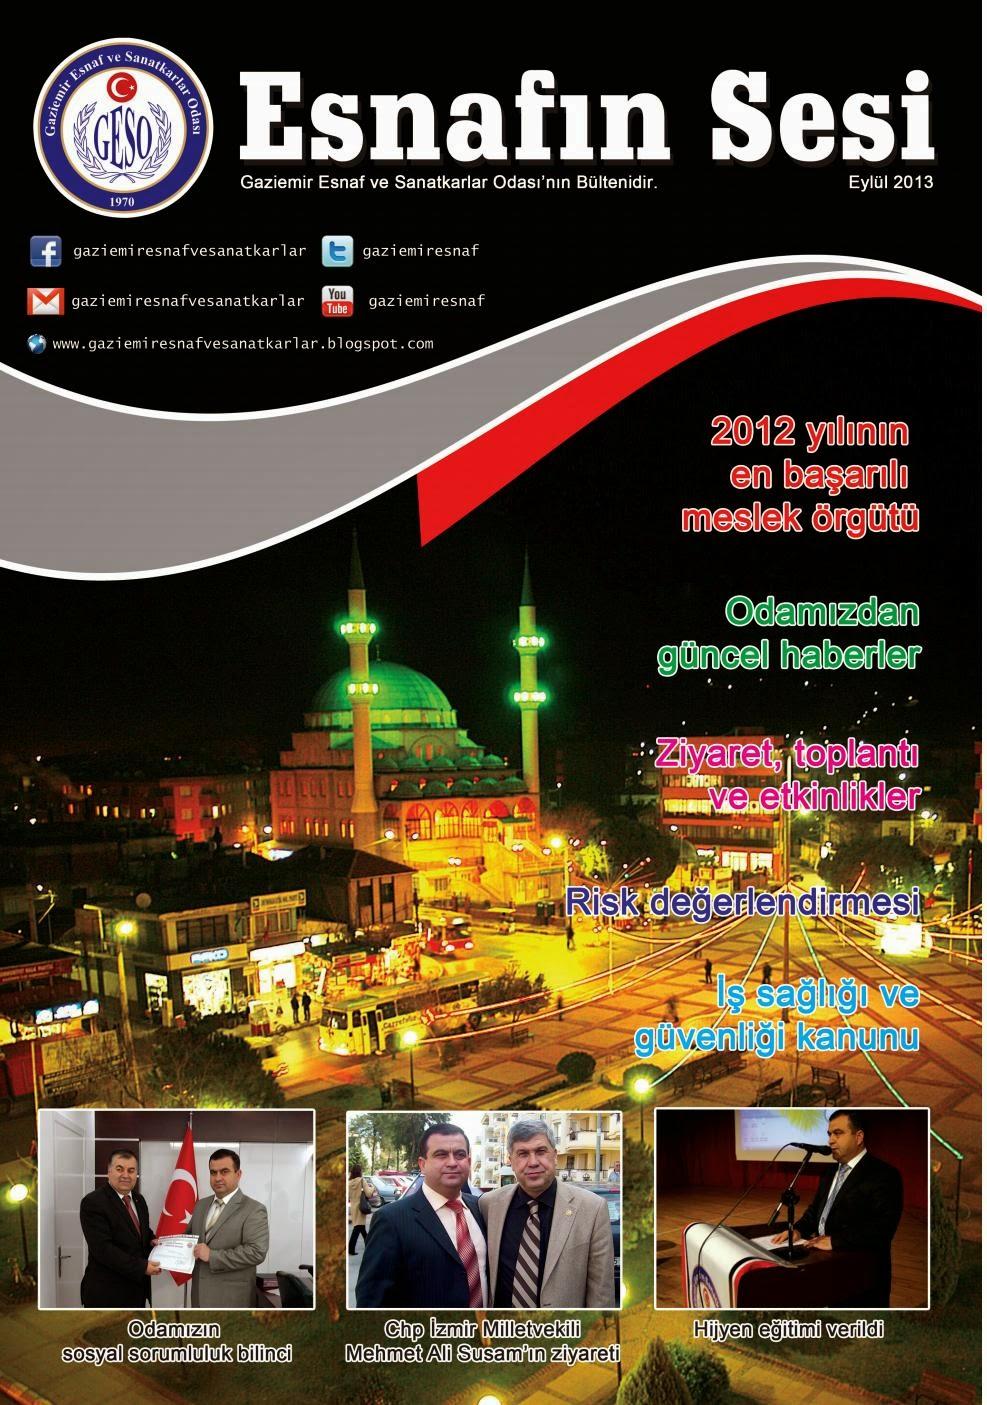 ESNAFIN SESİ - EYLÜL 2013